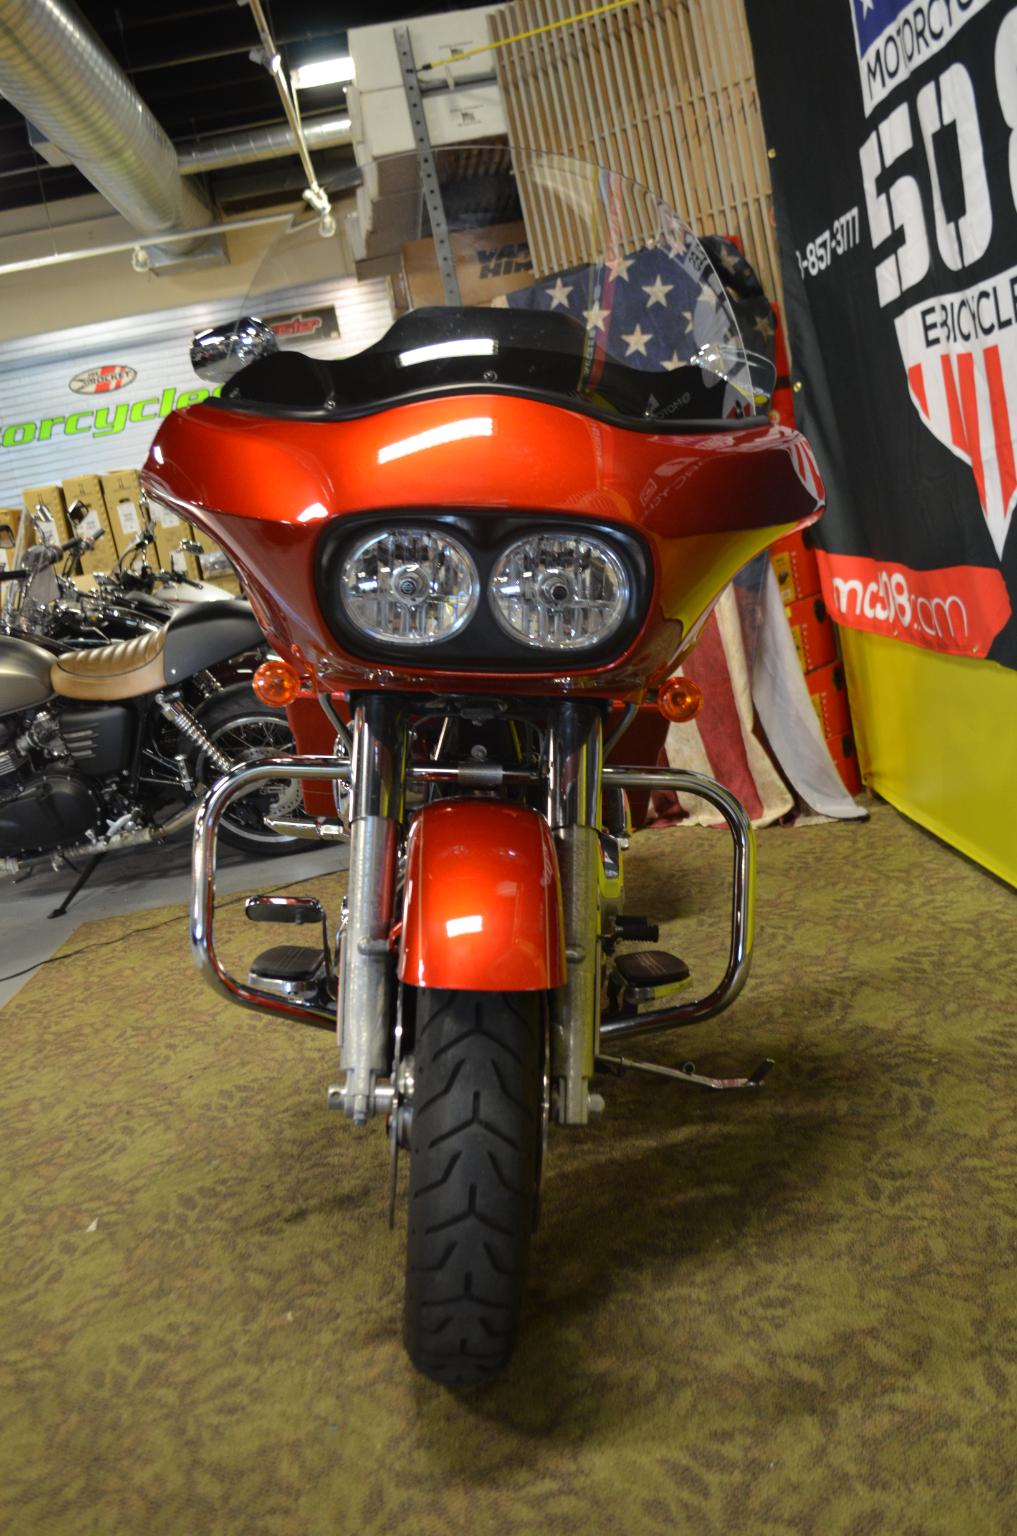 2013 Harley-Davidson Road Glide FLHTRX